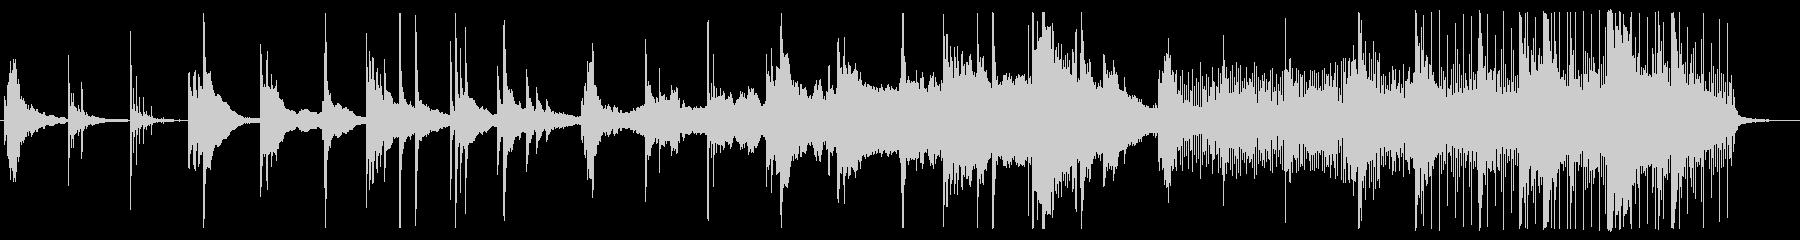 アカデミックなピアノエレクトロニカの未再生の波形